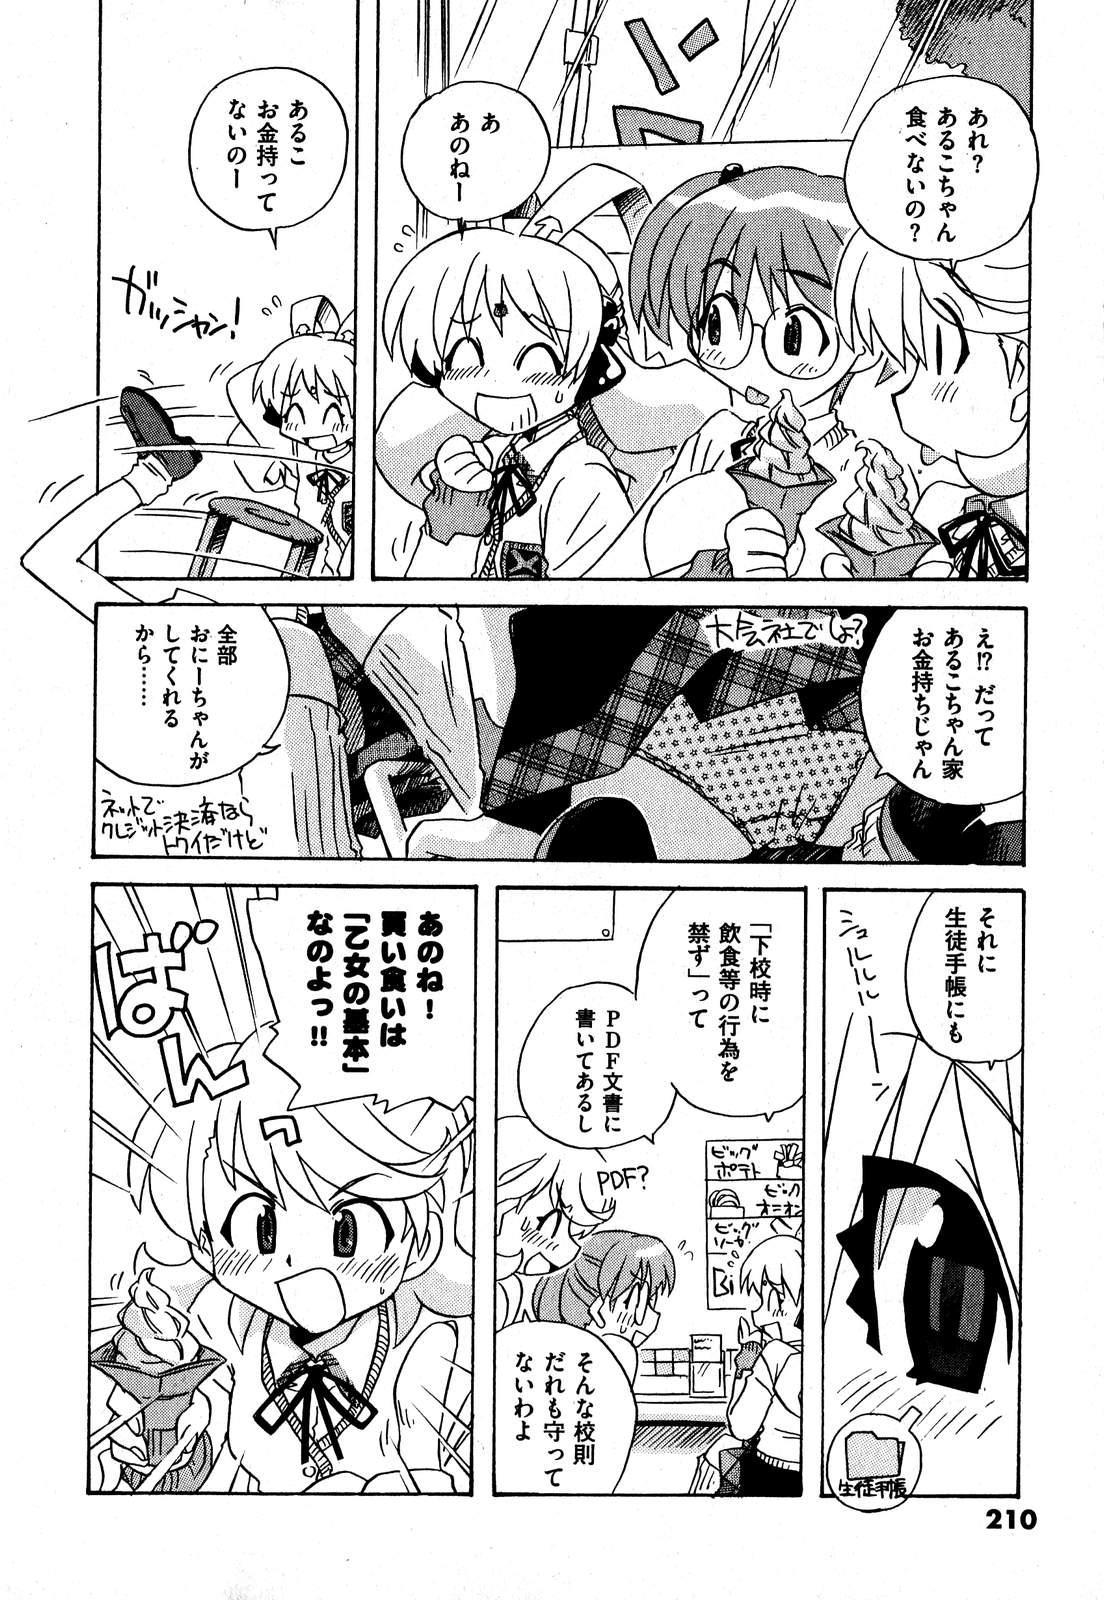 COMIC XO 2007-09 Vol. 16 209